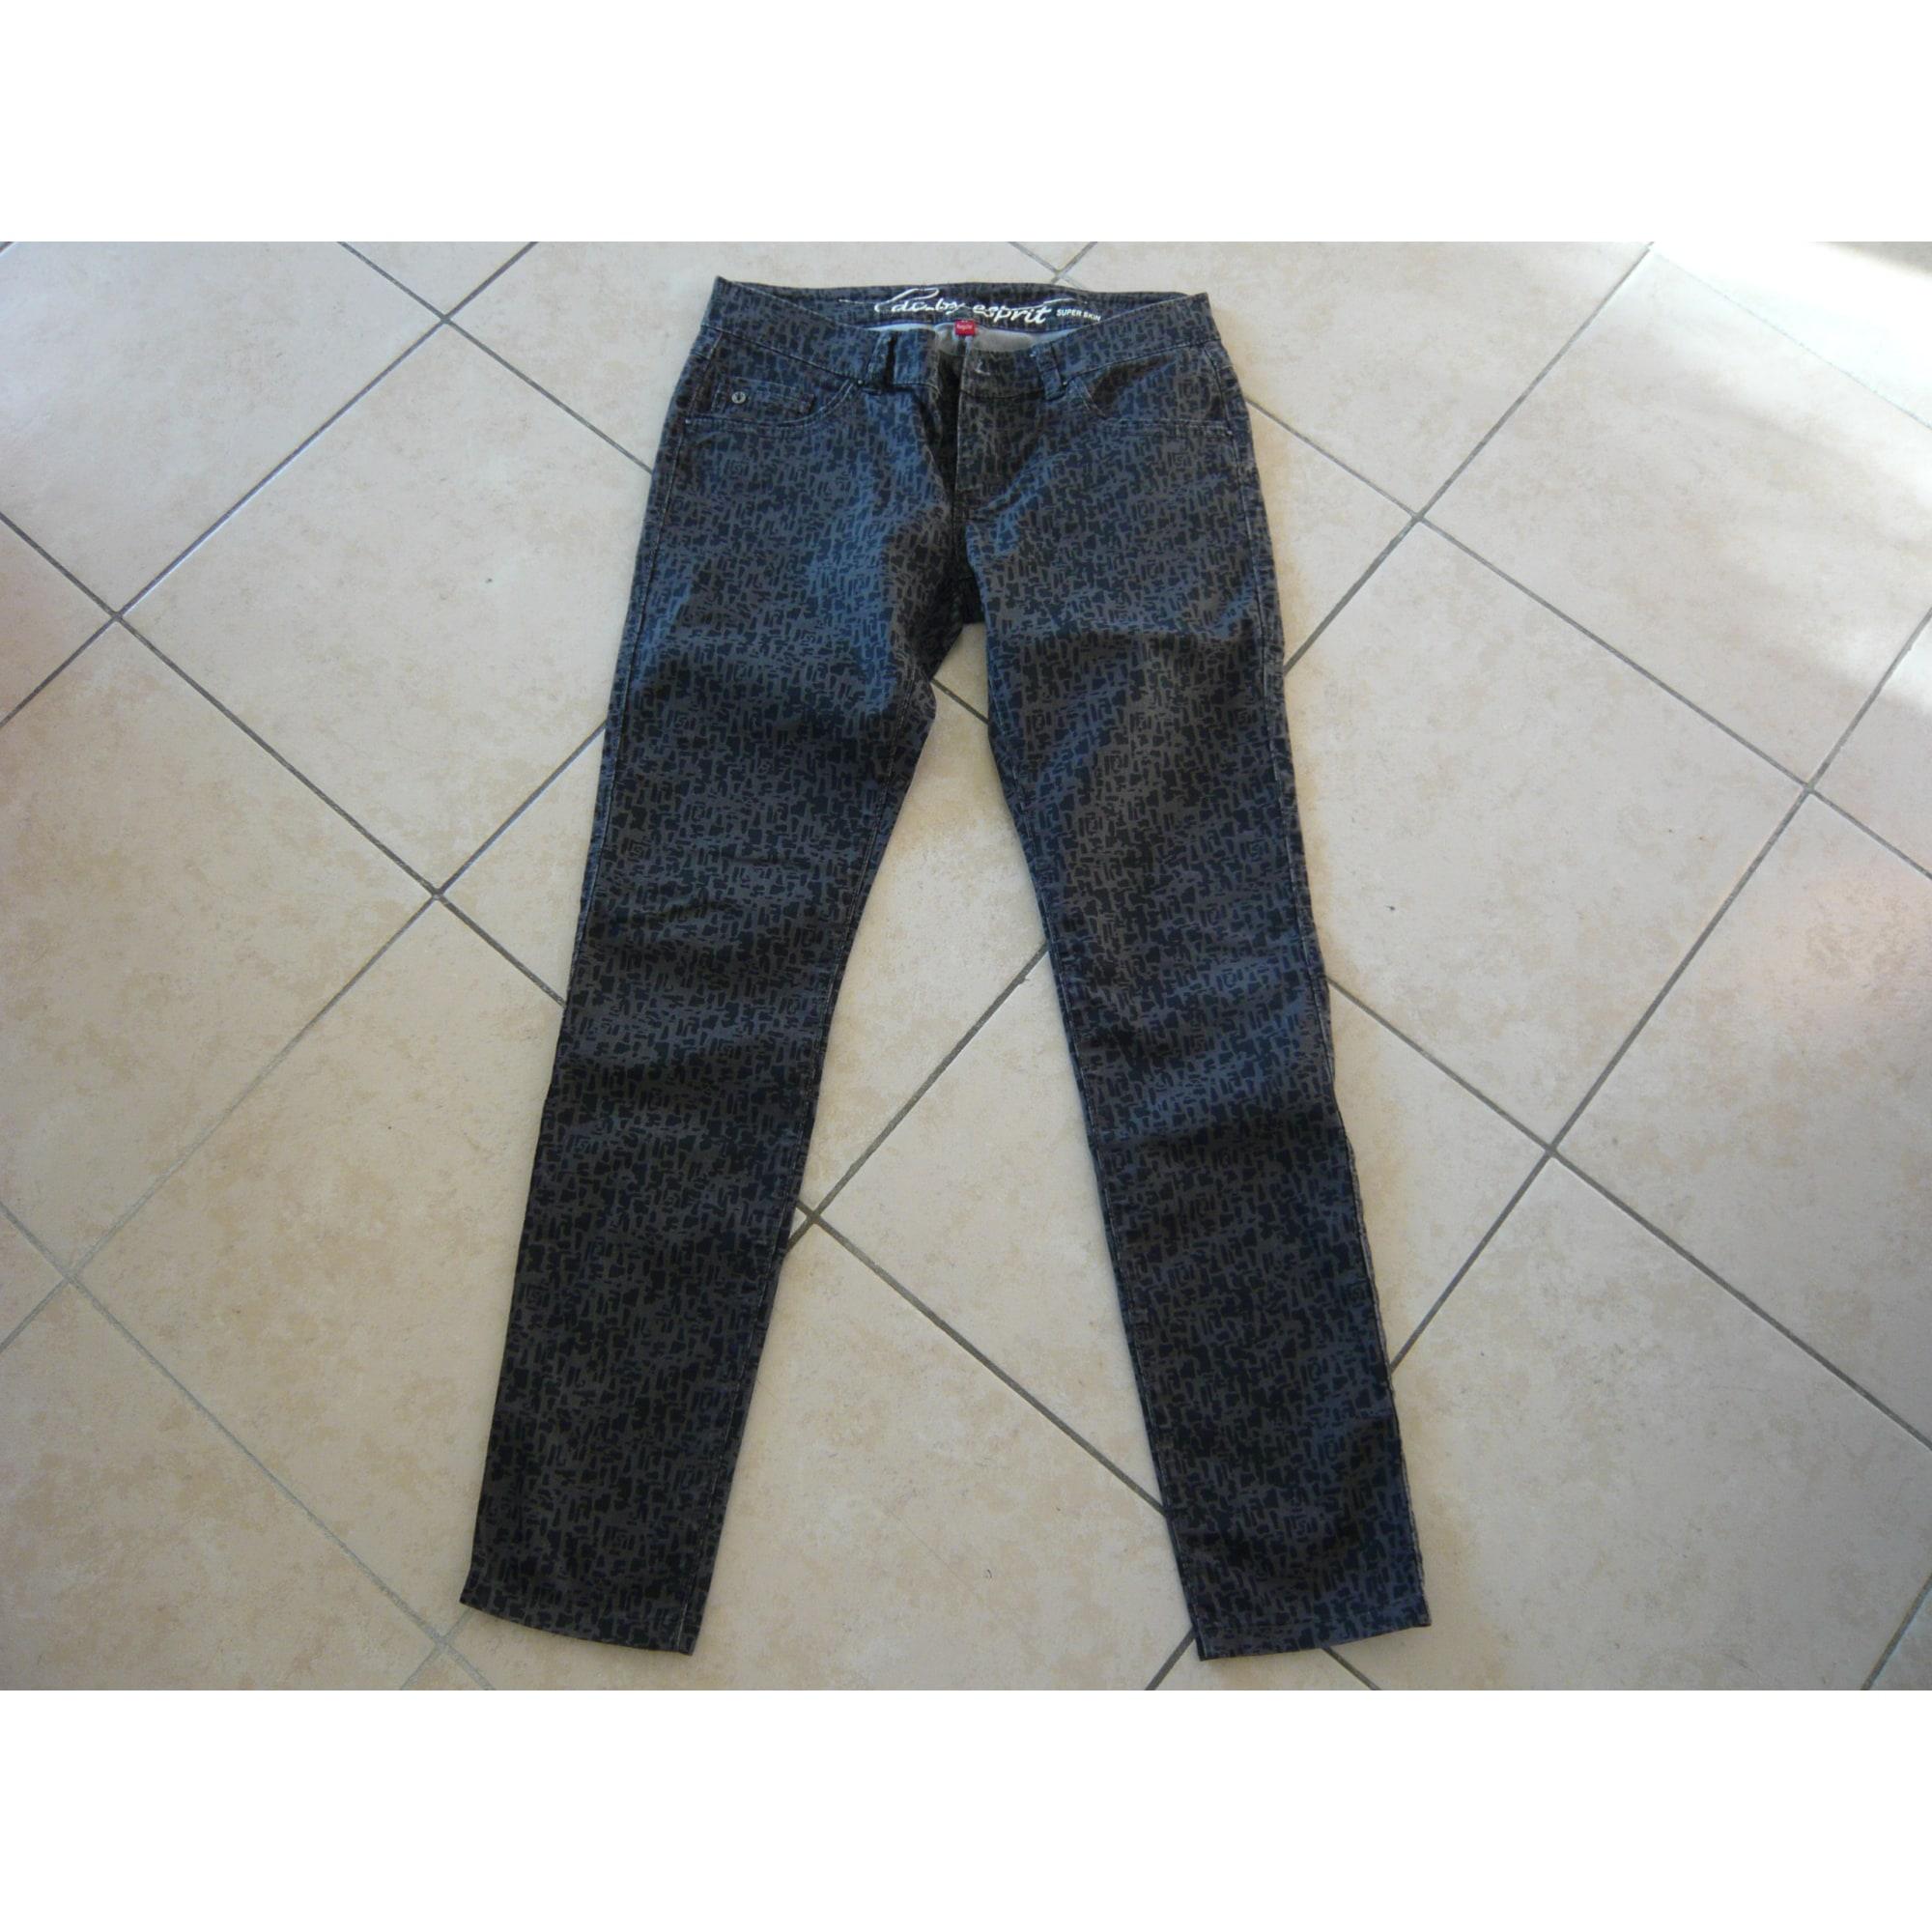 Edc W27 Jeans By Gris 7005324 Droit Esprit t 36 4qBBRw57